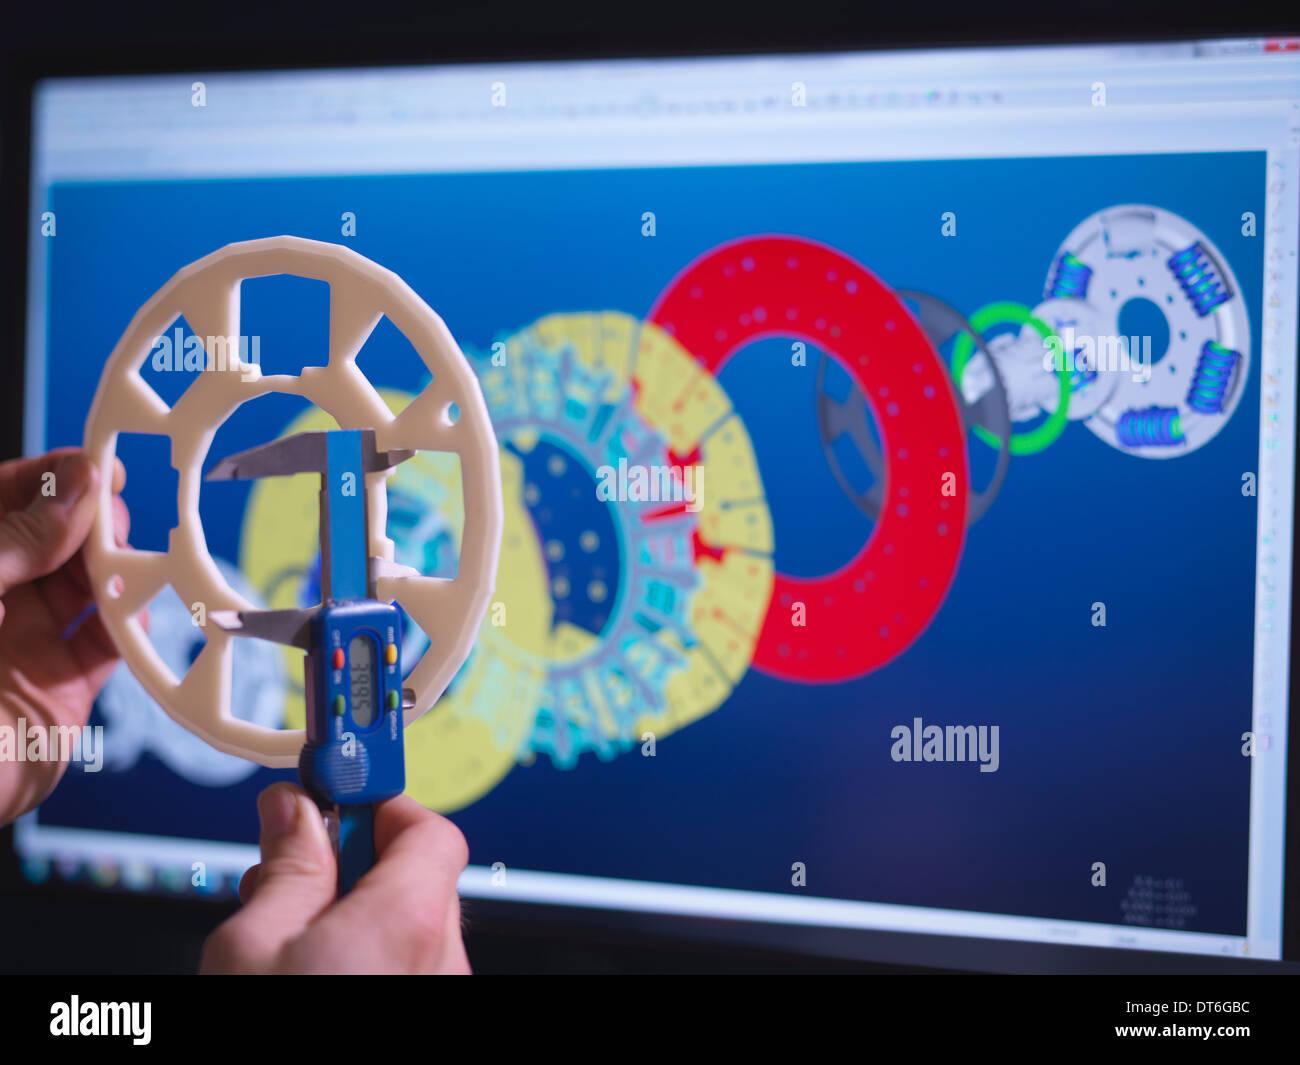 Cerca de ingeniero industrial Diseño de embrague utilizando software de CAD. Imagen De Stock